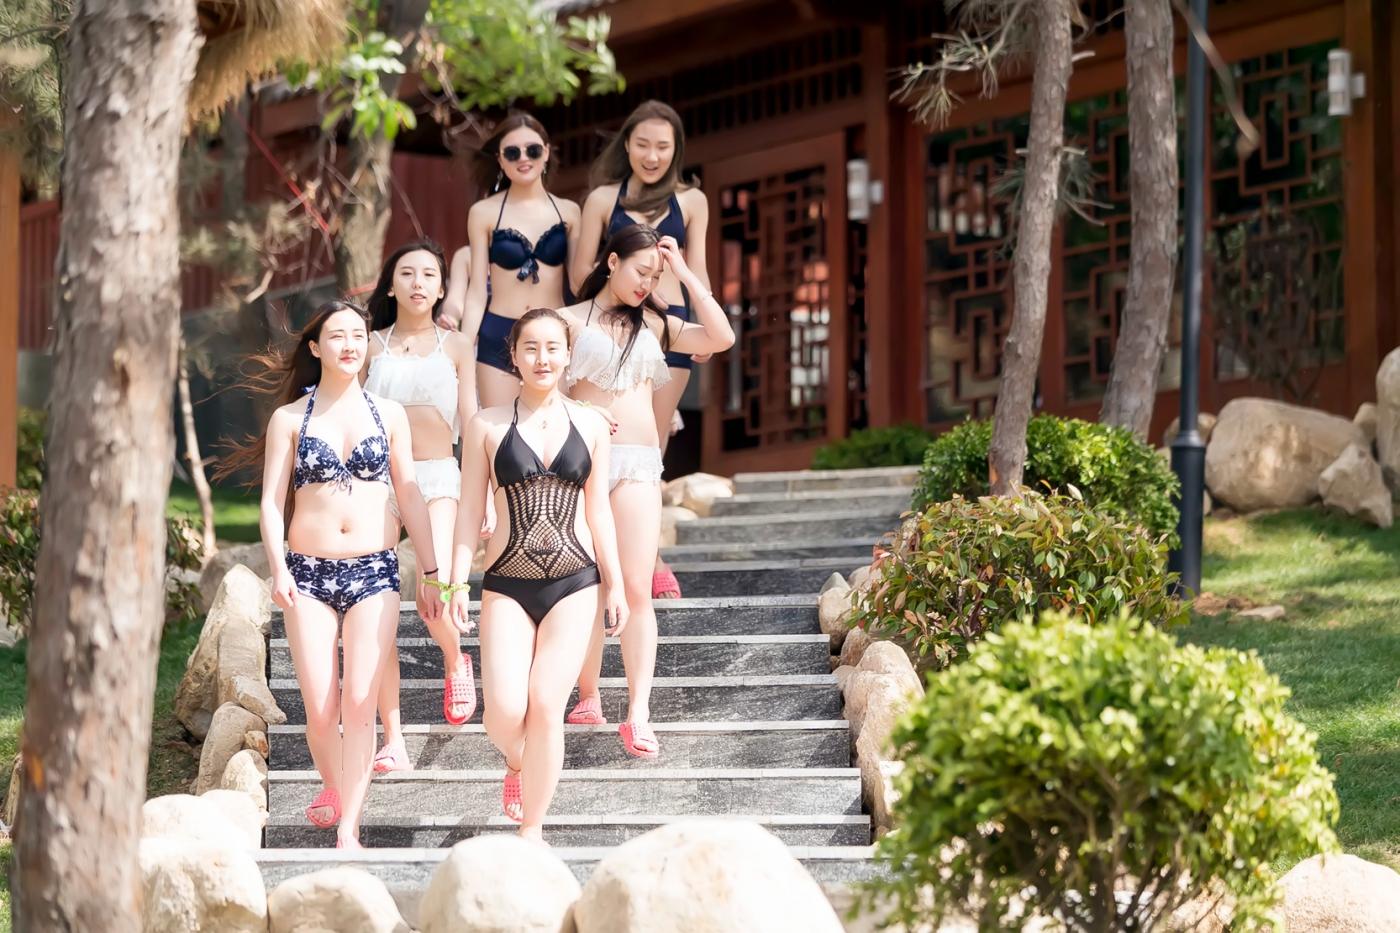 在临沂蒙山康谷温泉 与22位泳装女孩相遇在这里_图1-30